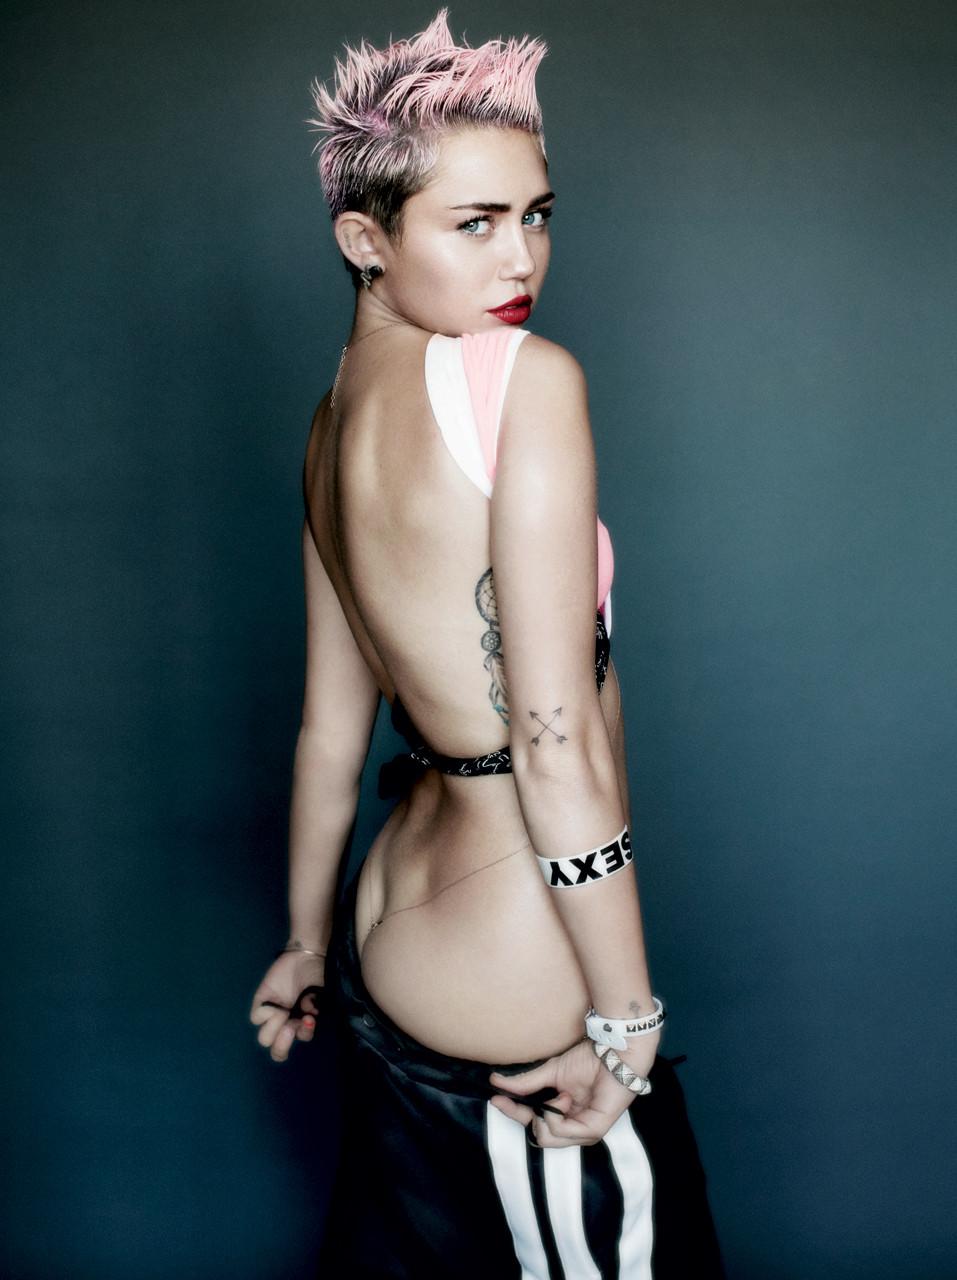 Miley Cyrus - Wikipedia, la enciclopedia libre